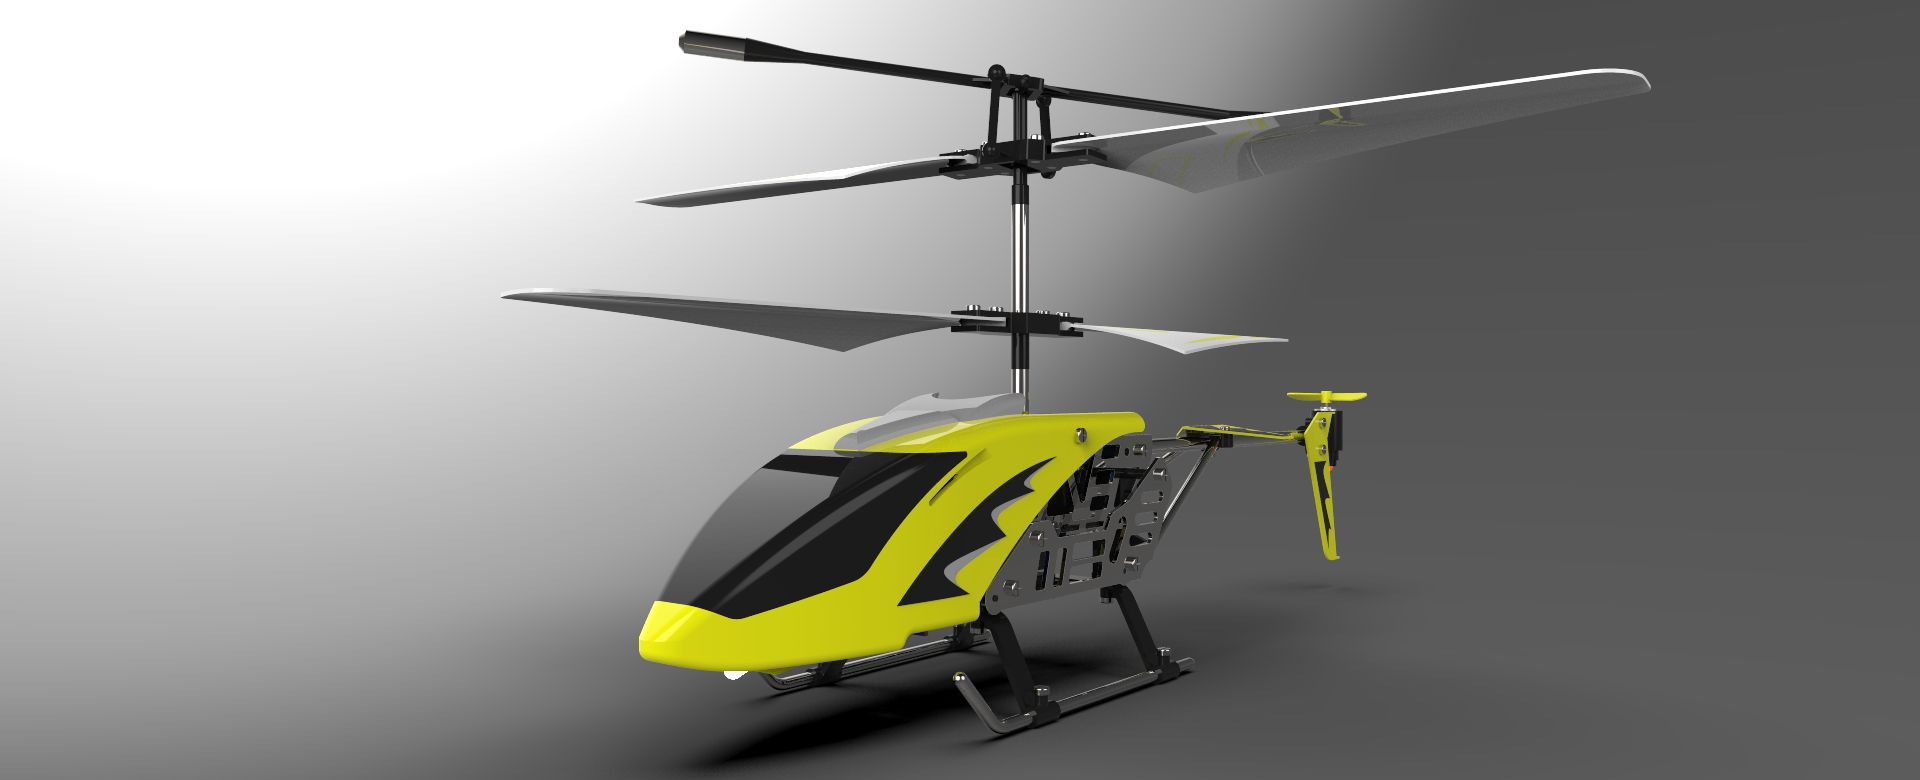 Choper-170-3500-3500